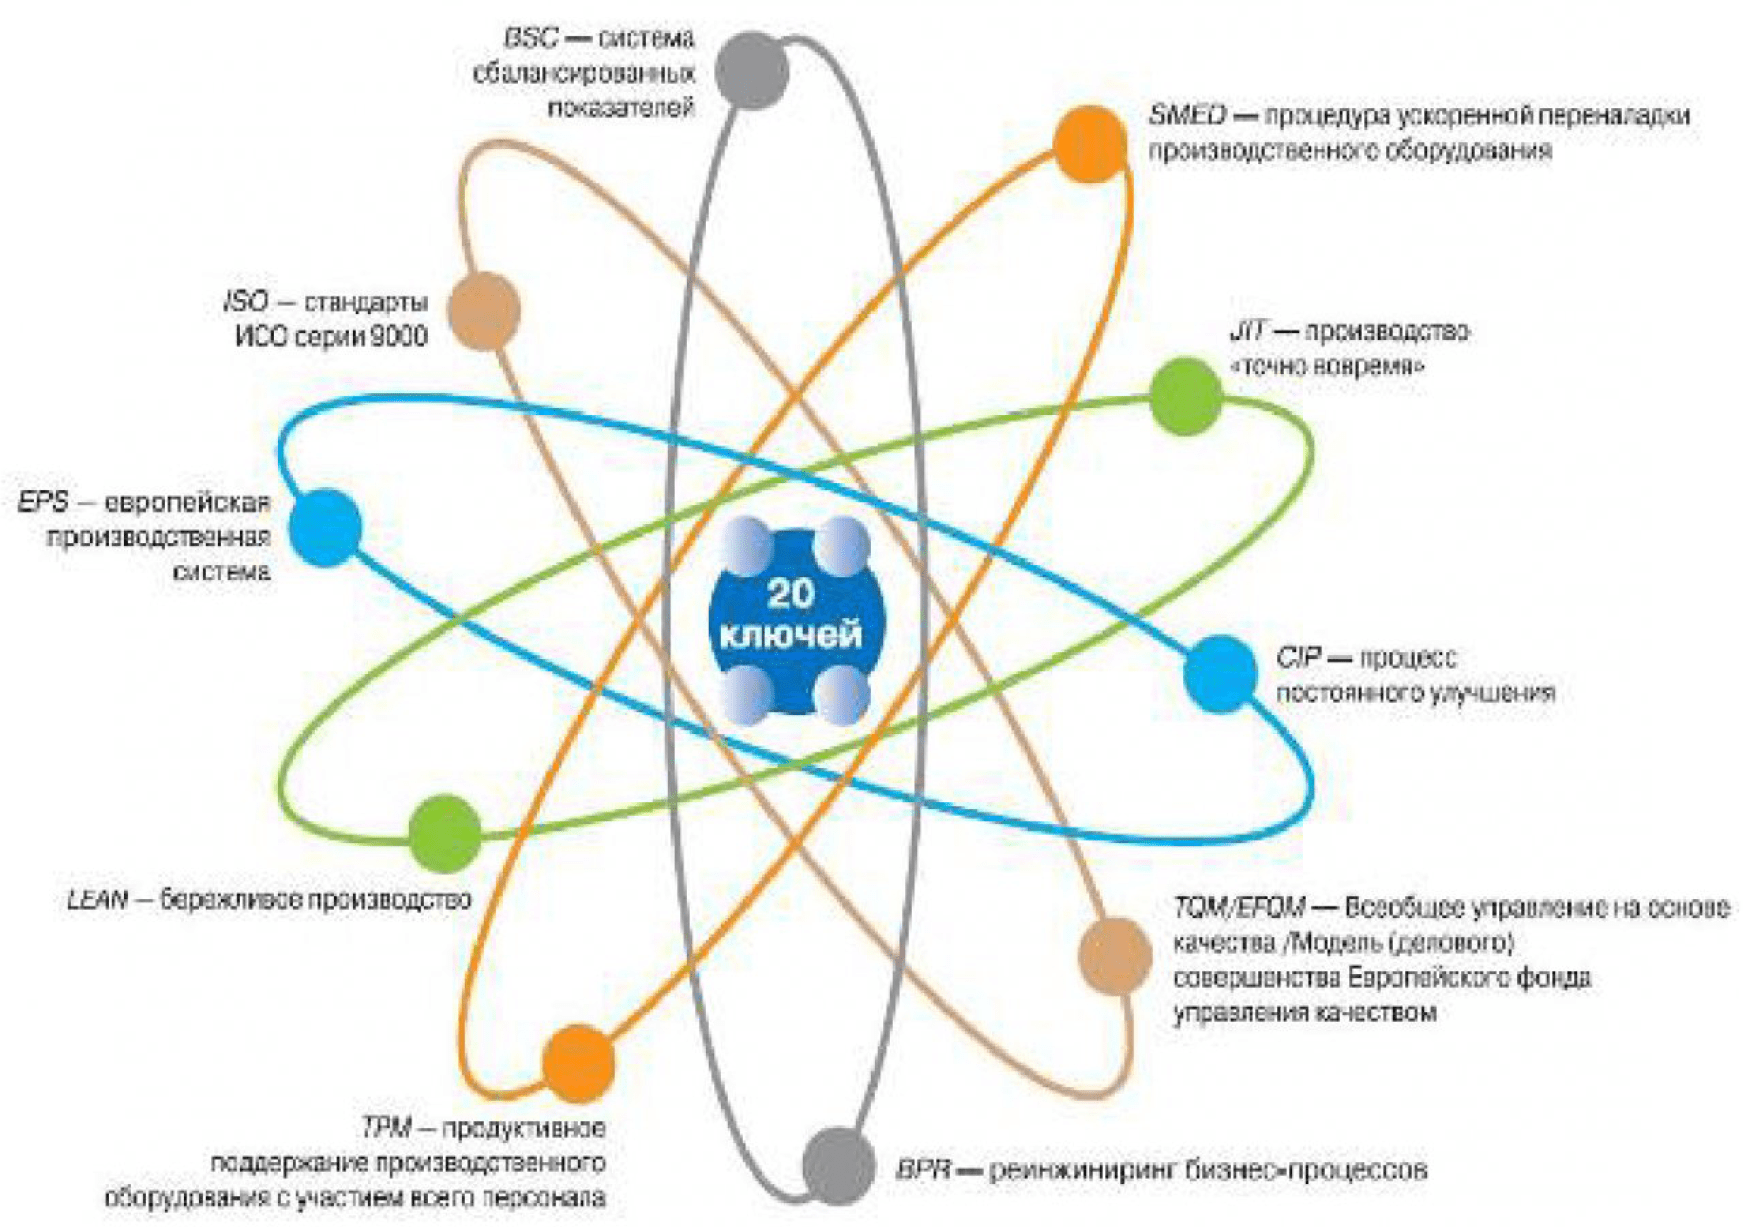 Программа «20 ключей» - эффективный элемент интегрированной системы управления качеством продукции 3